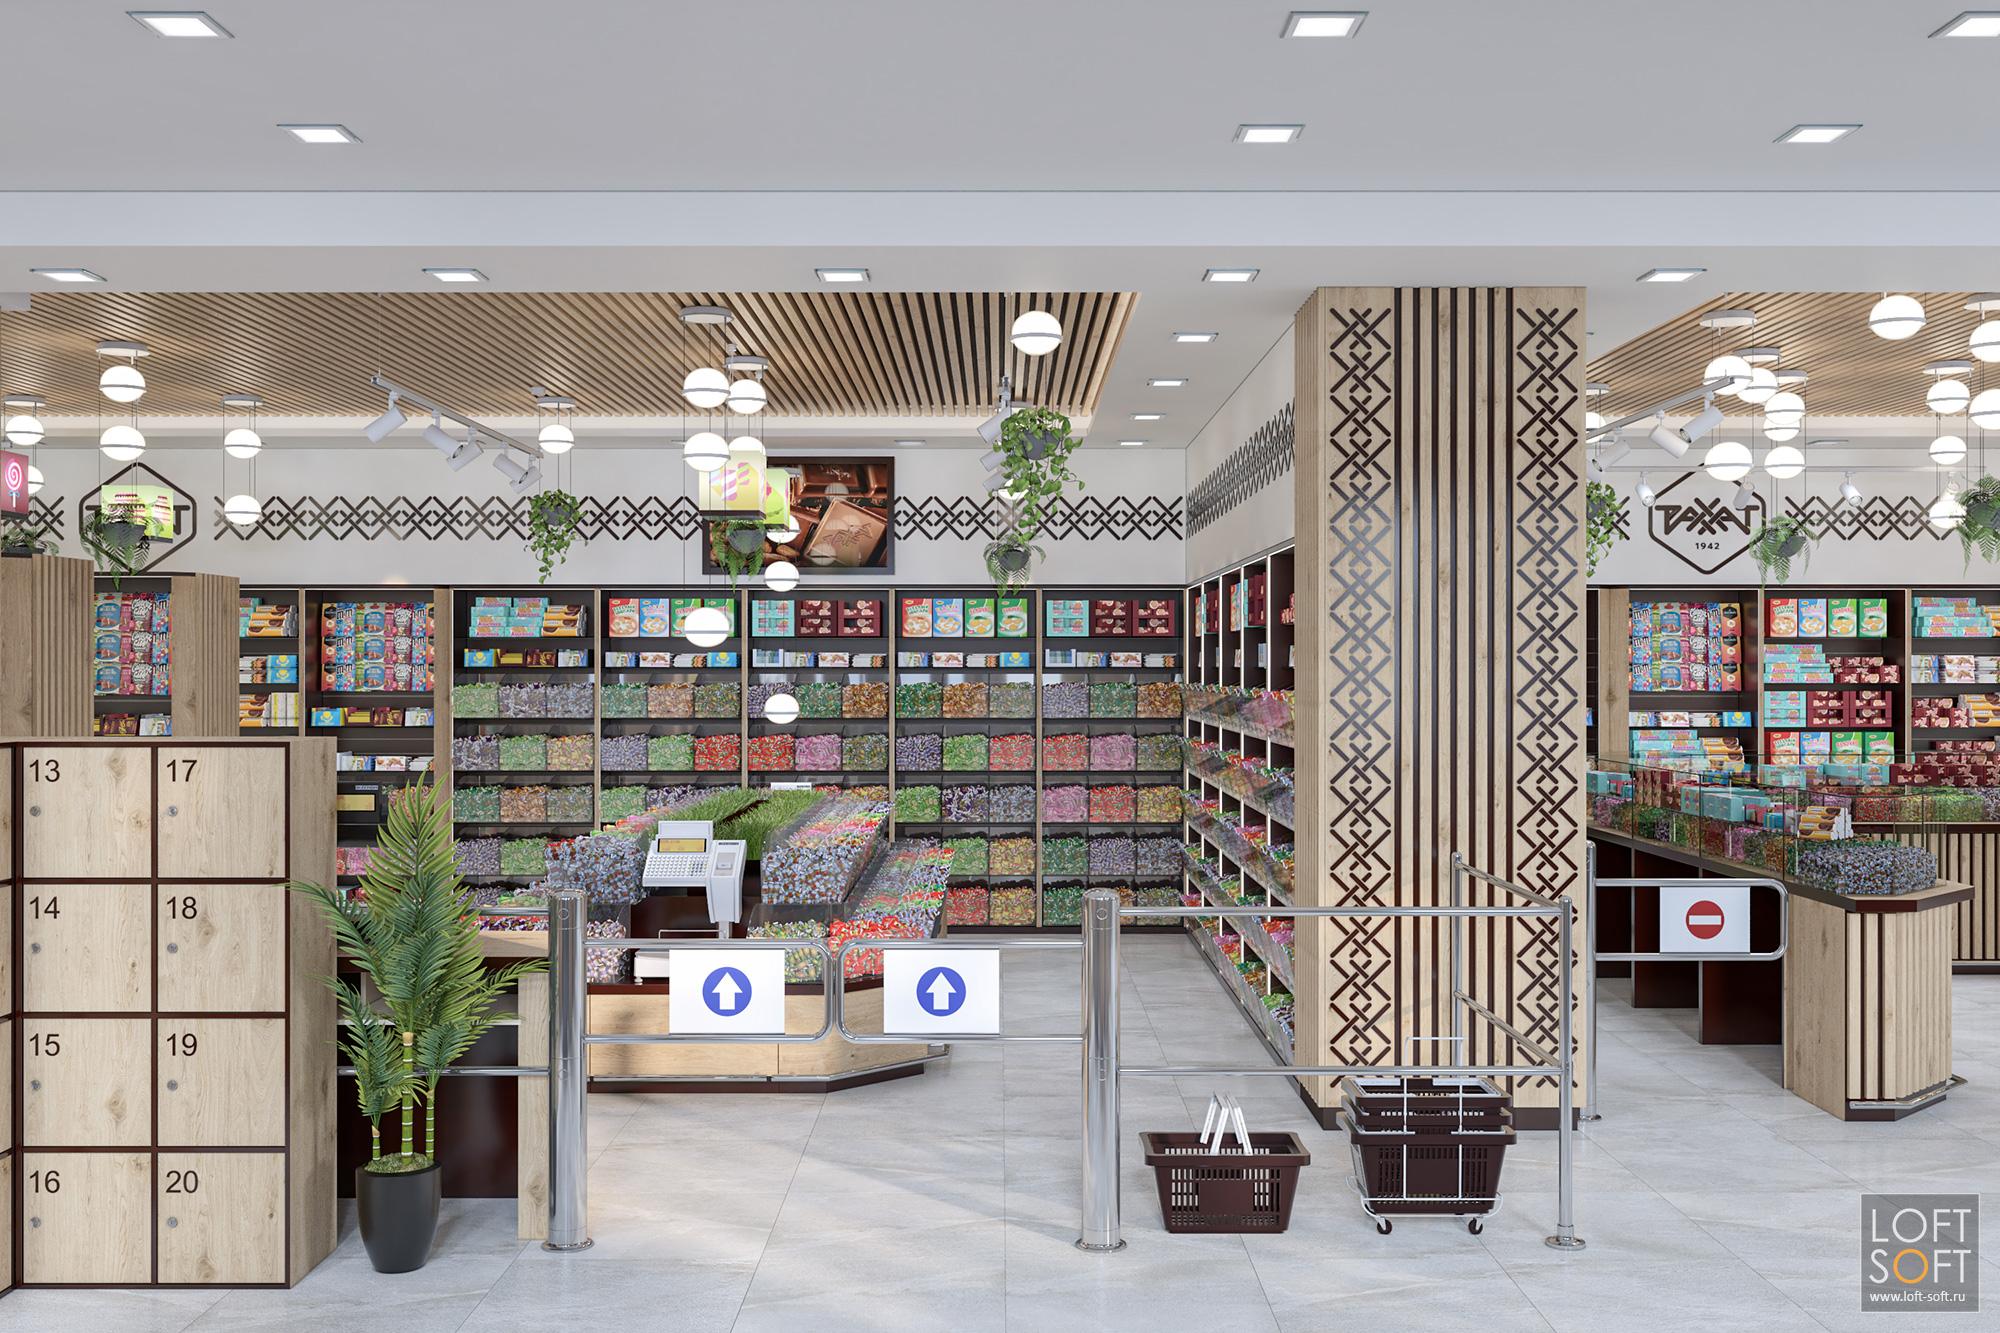 дизайн магазина сладостей, дизайн-проект магазина, современный кондитерский магазин